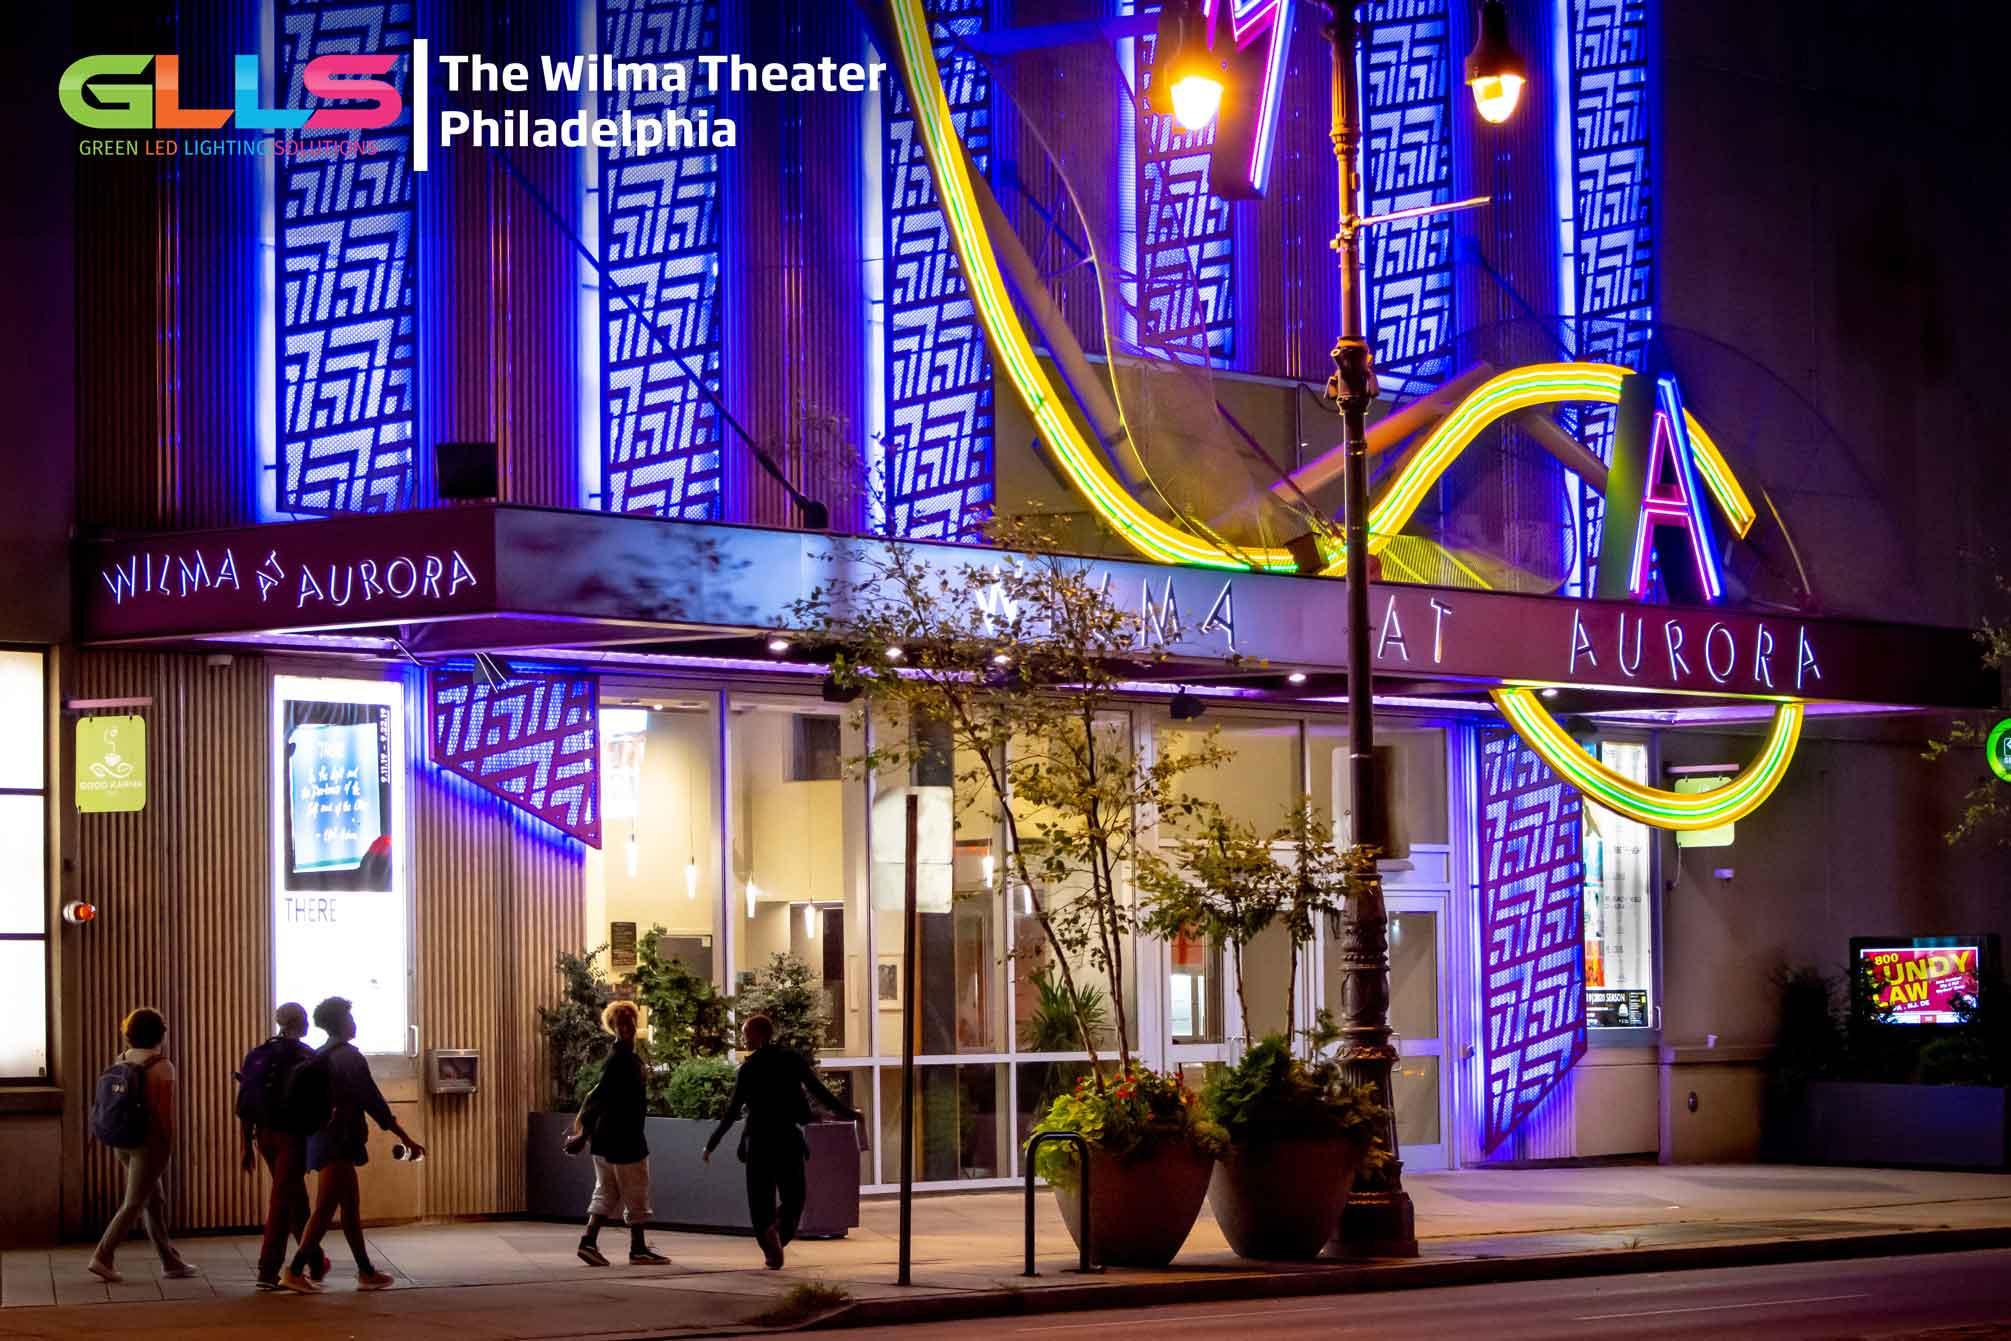 The-Wilma-Theater-Philadelphia-Building